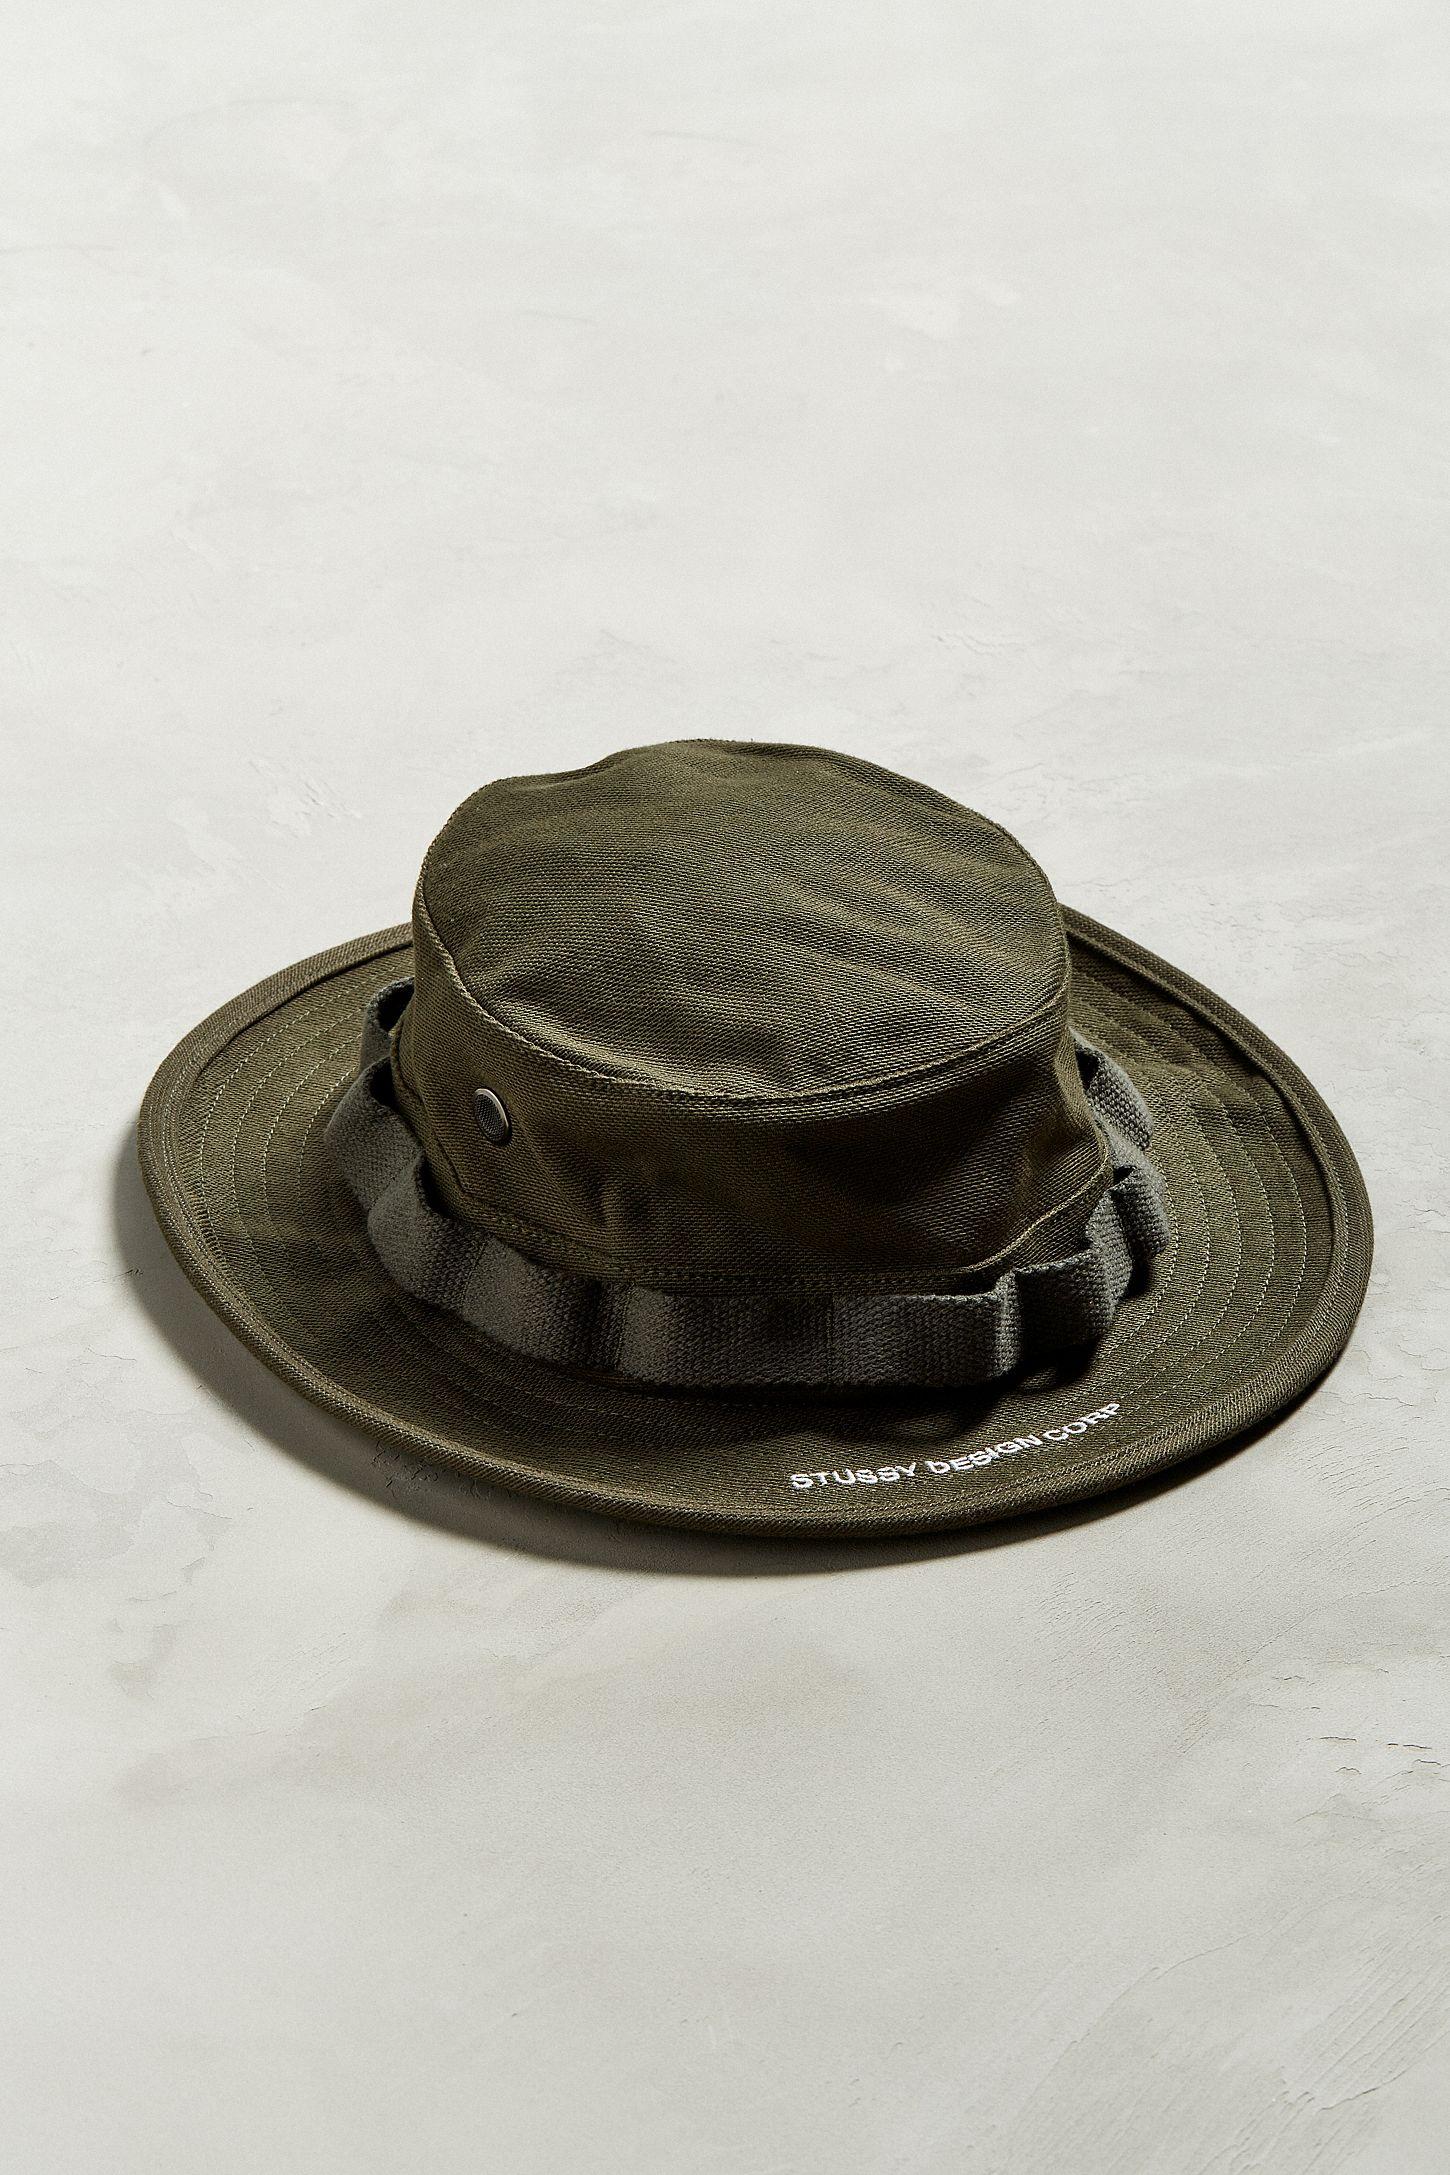 7cc87085793 Stussy Cloth Boonie Hat